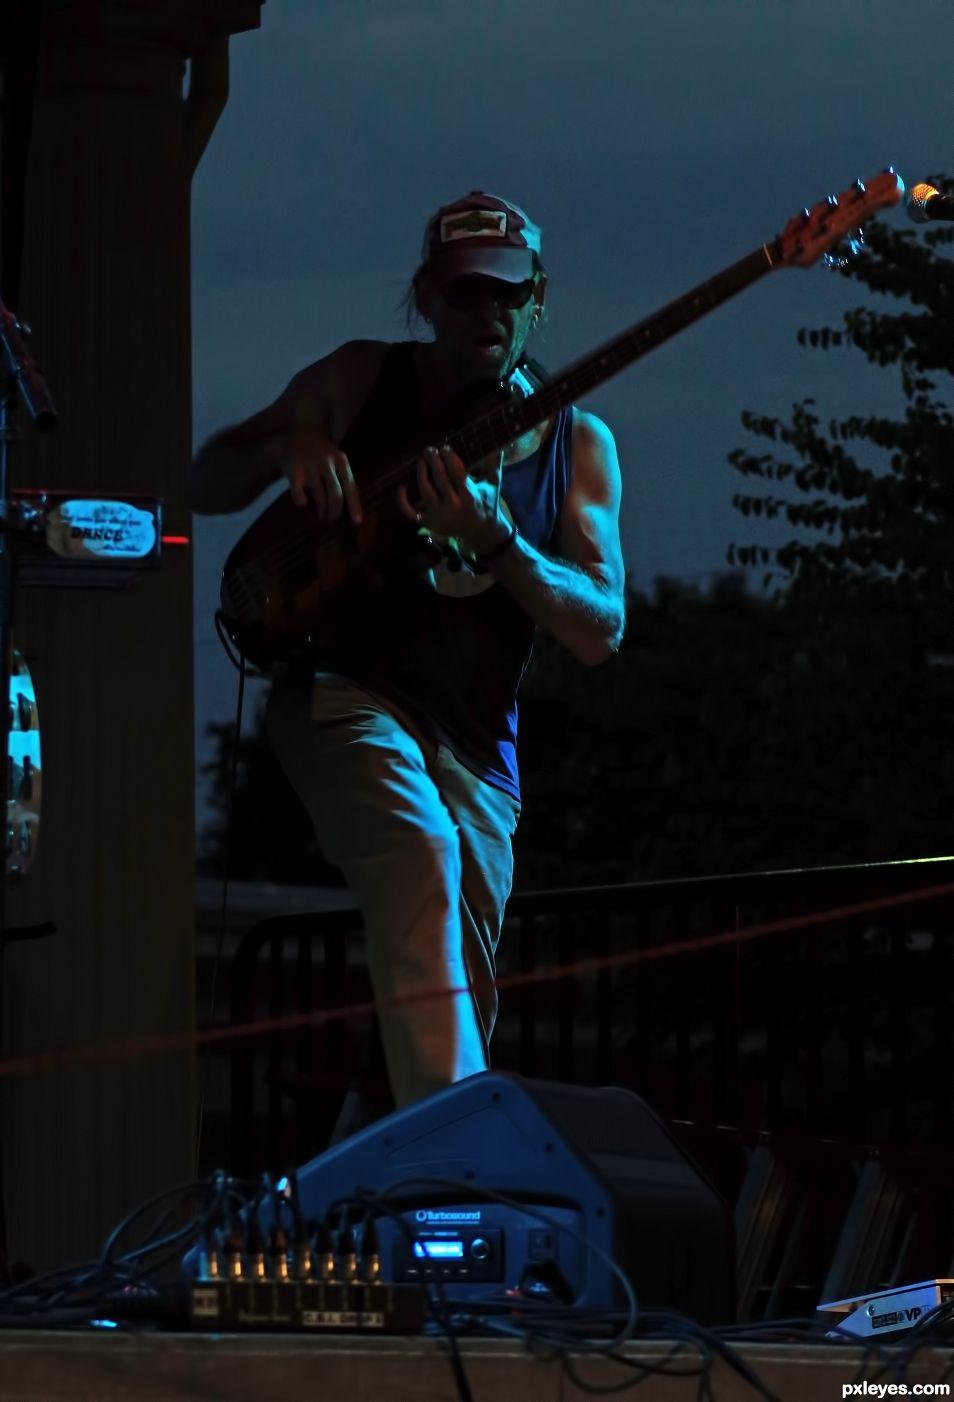 Jammin at Night Under Blue Lights